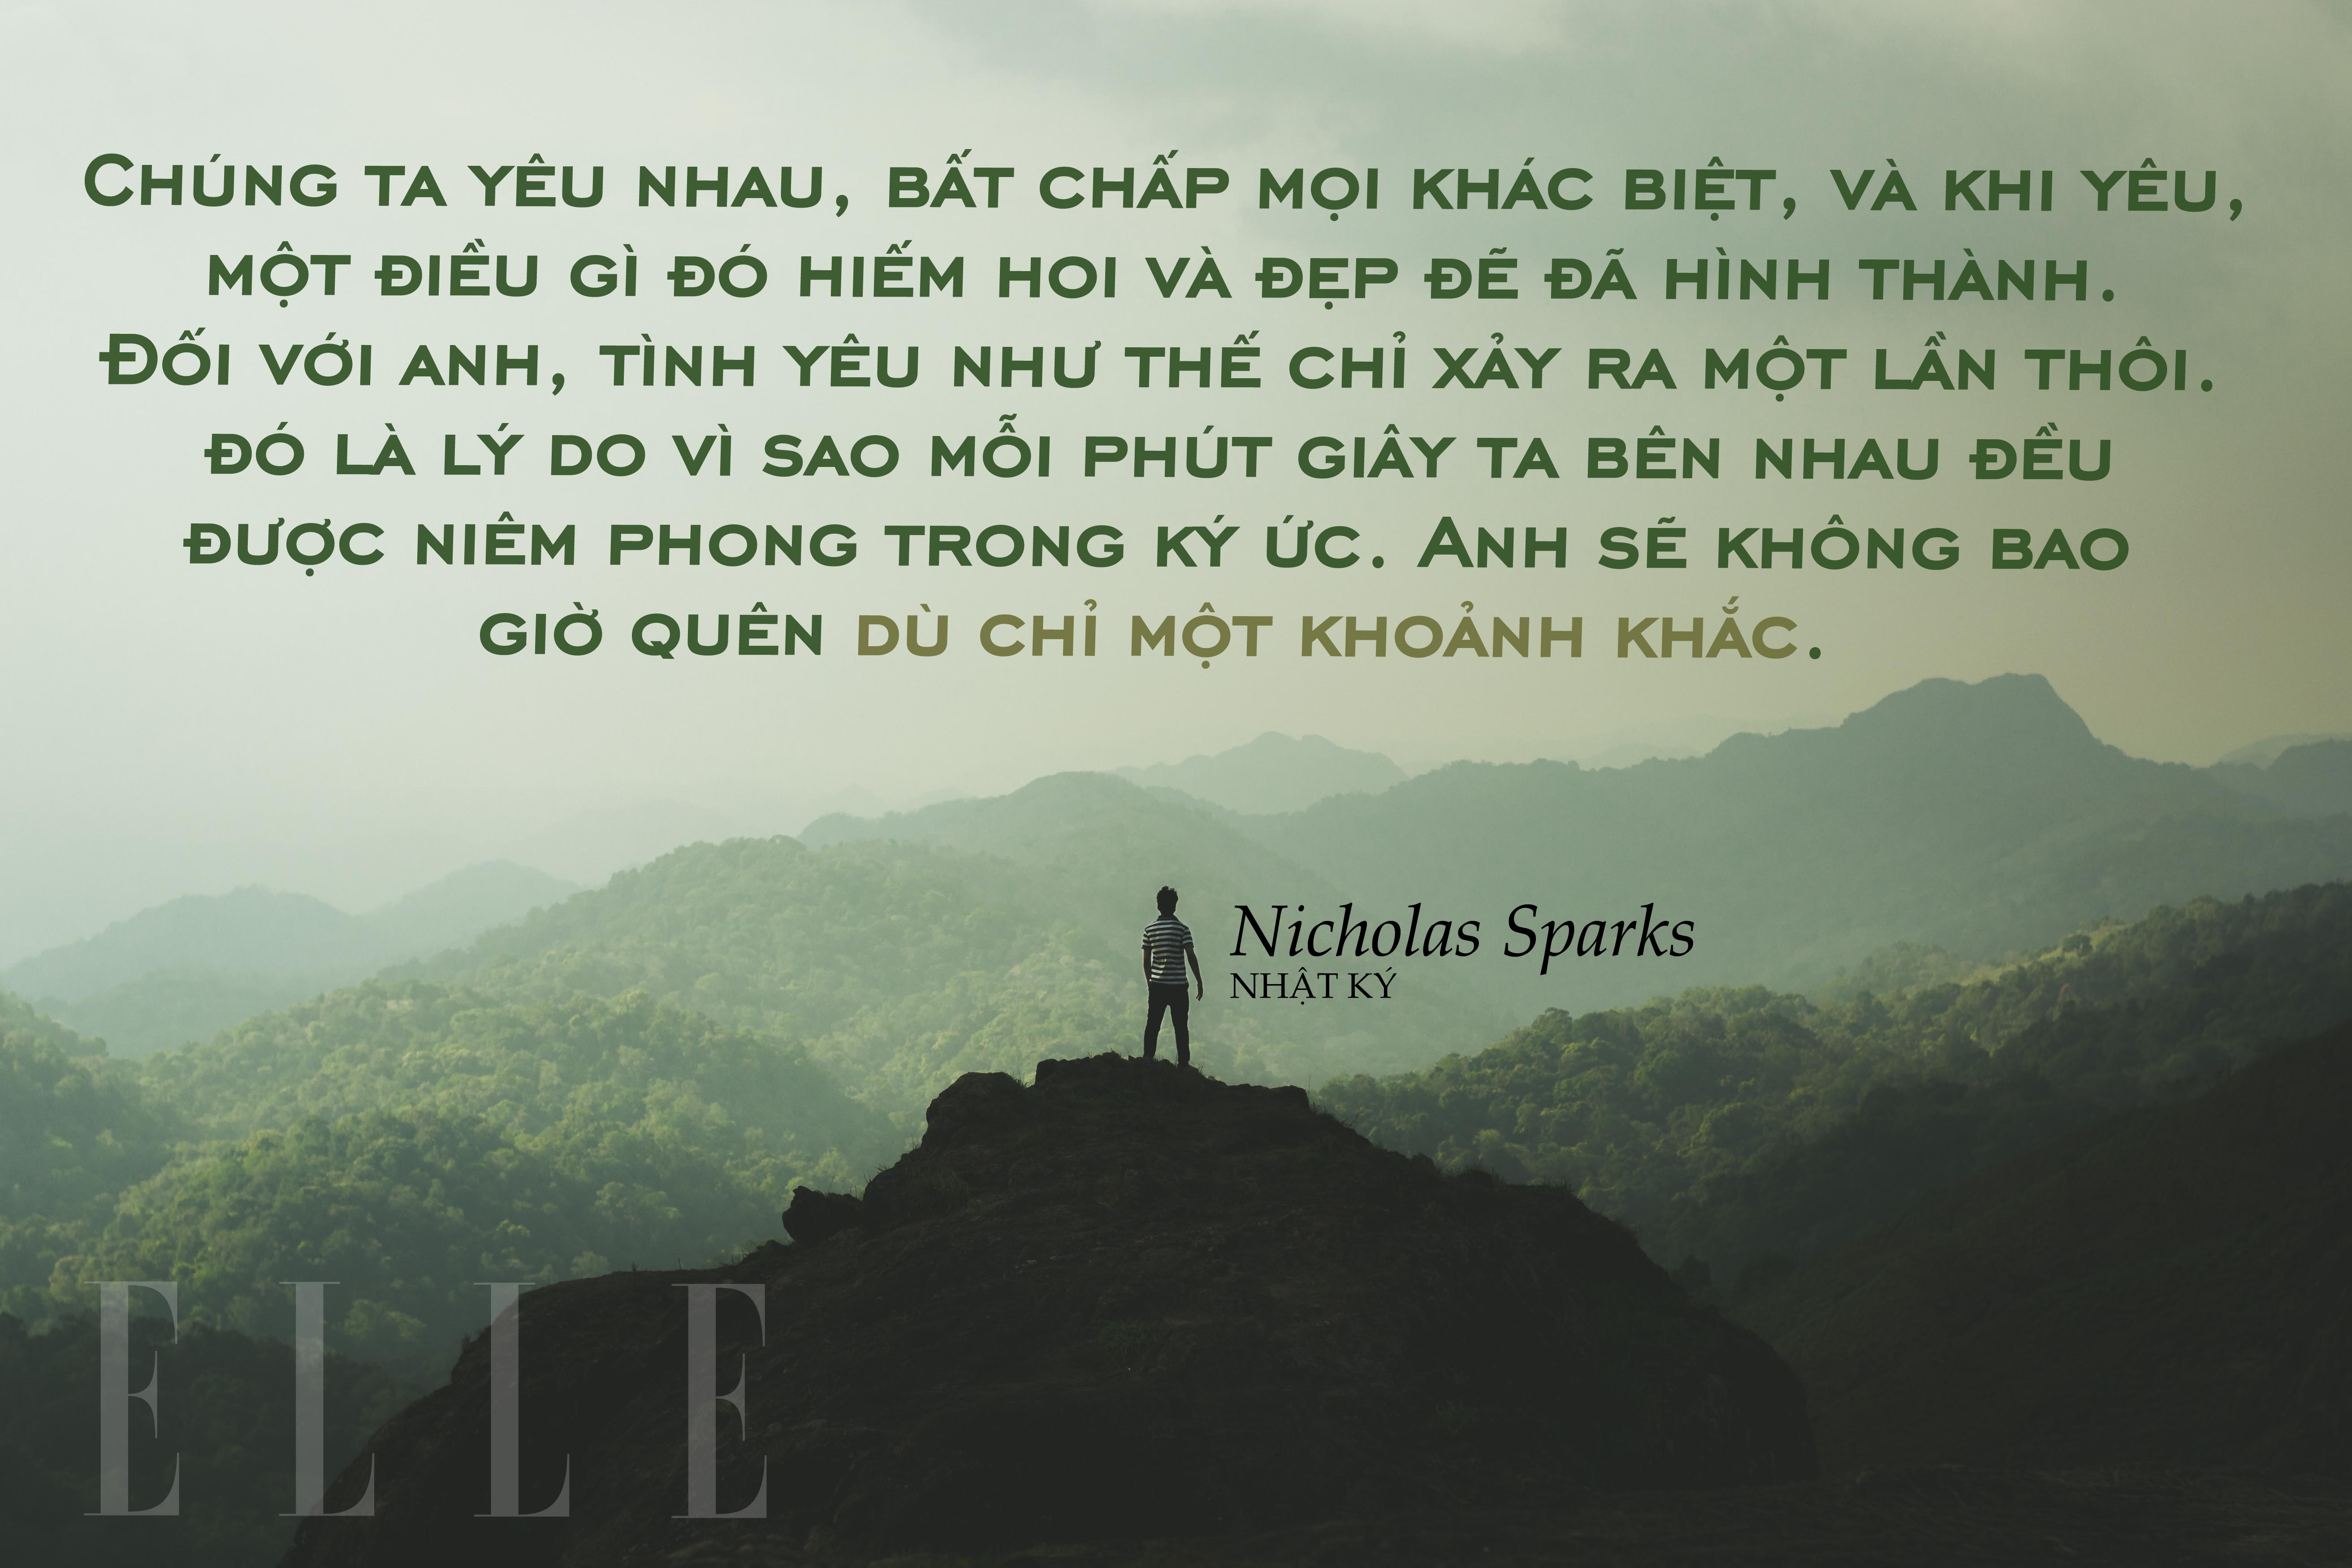 Nicholas Sparks 7